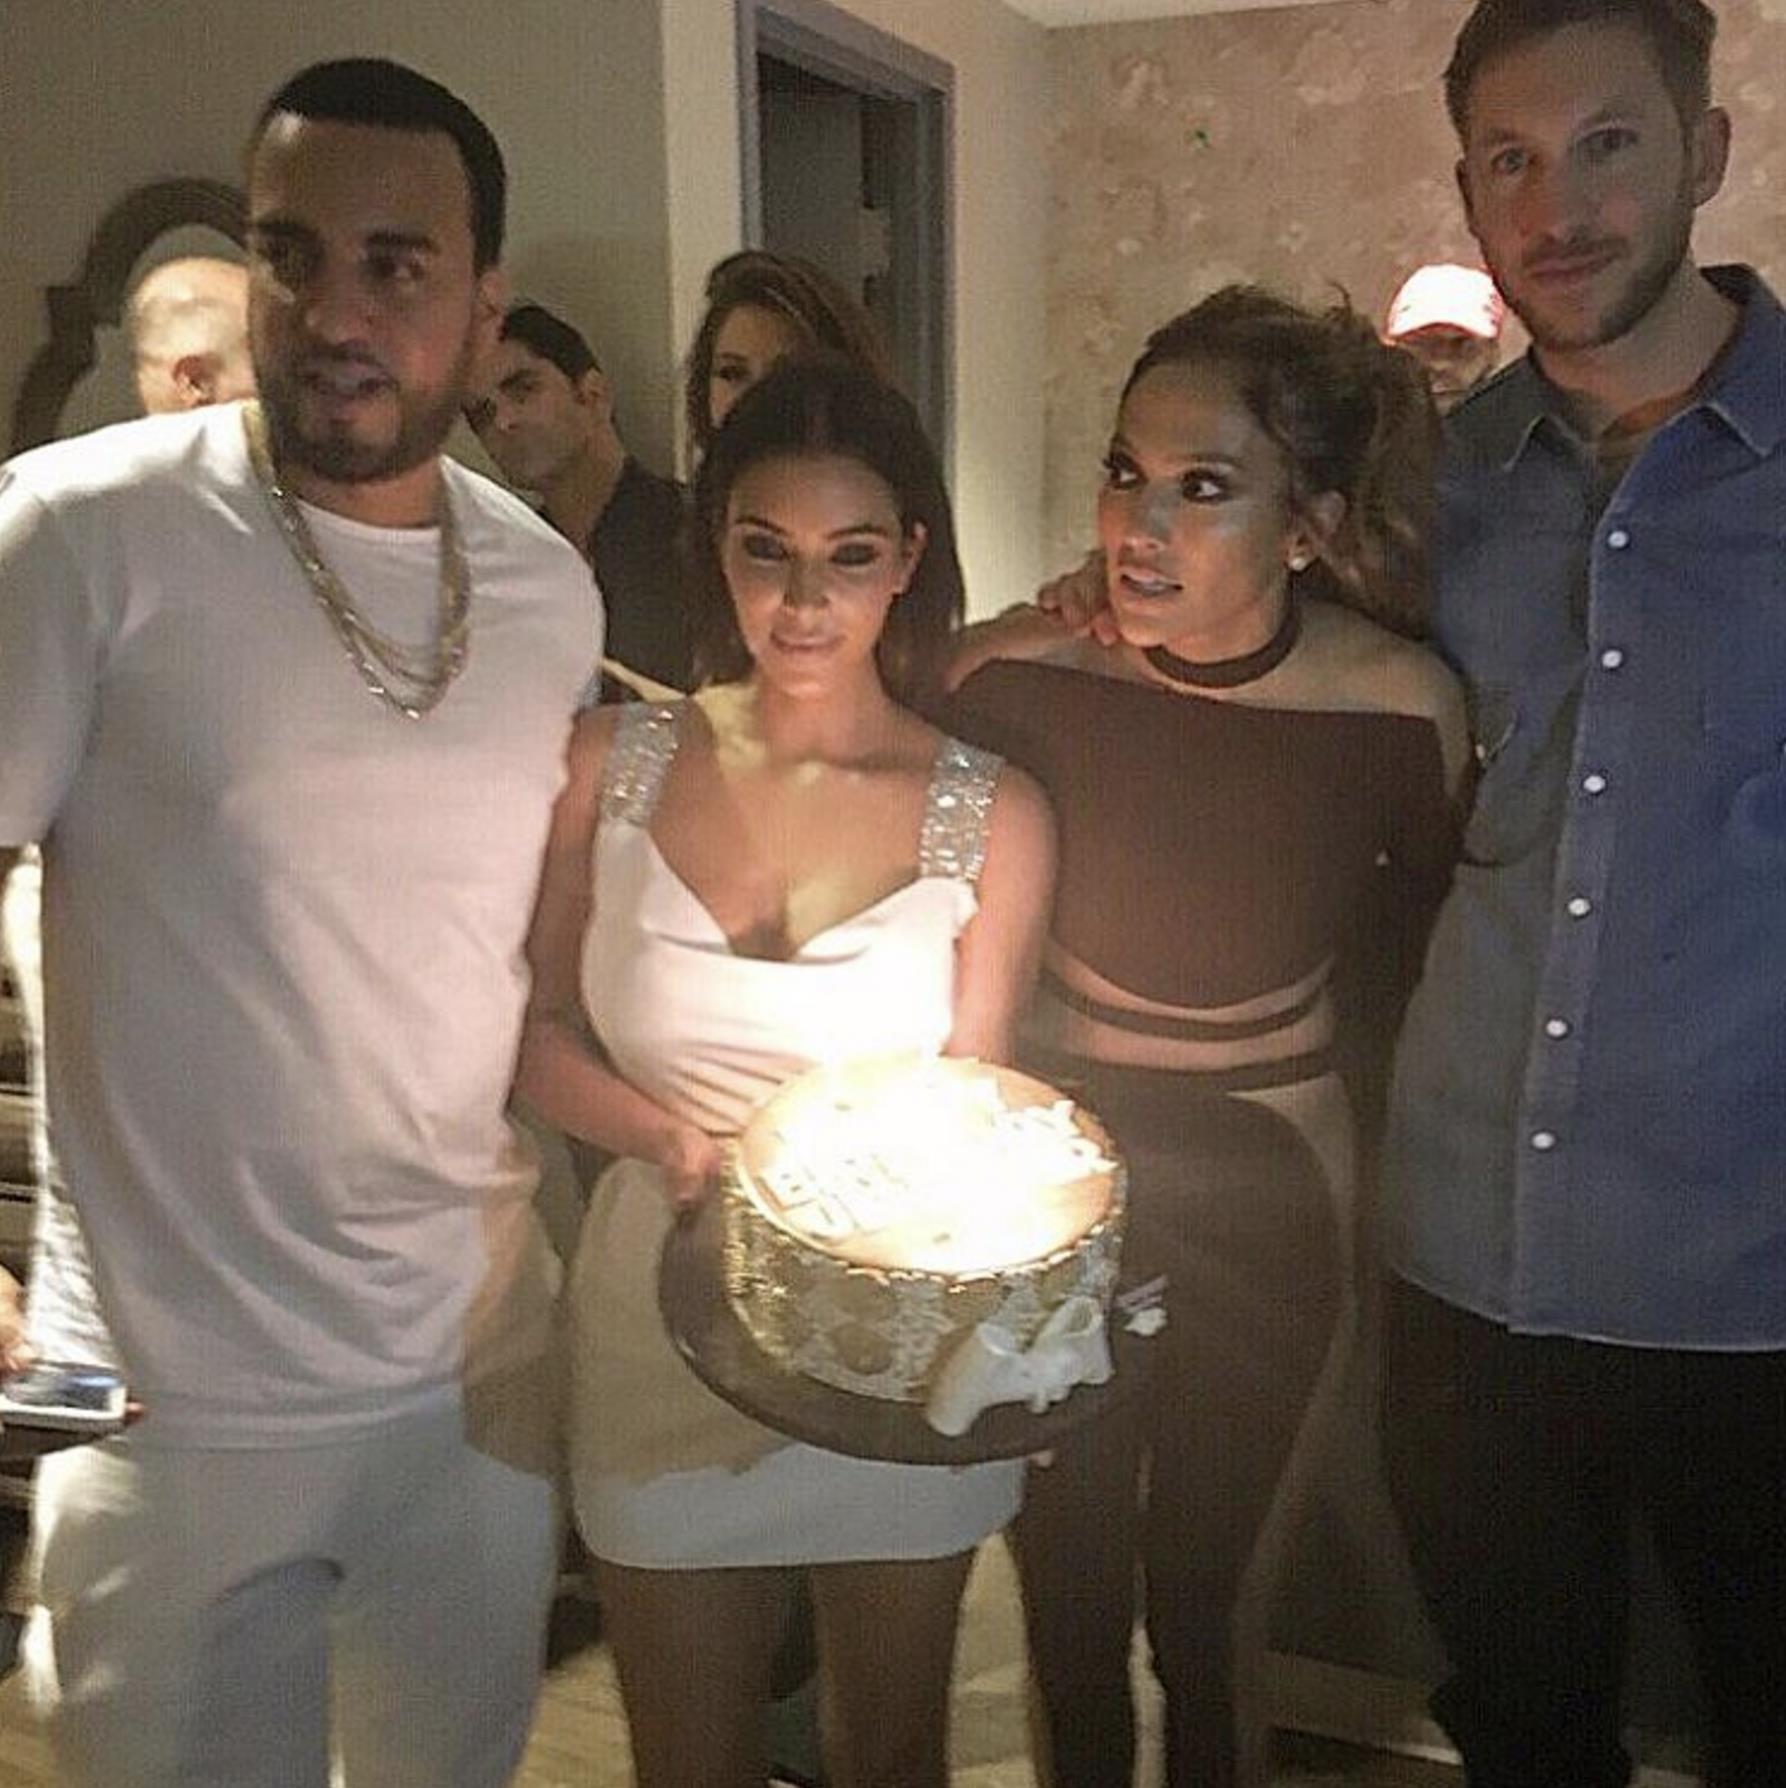 jlo birthday kim kardashian